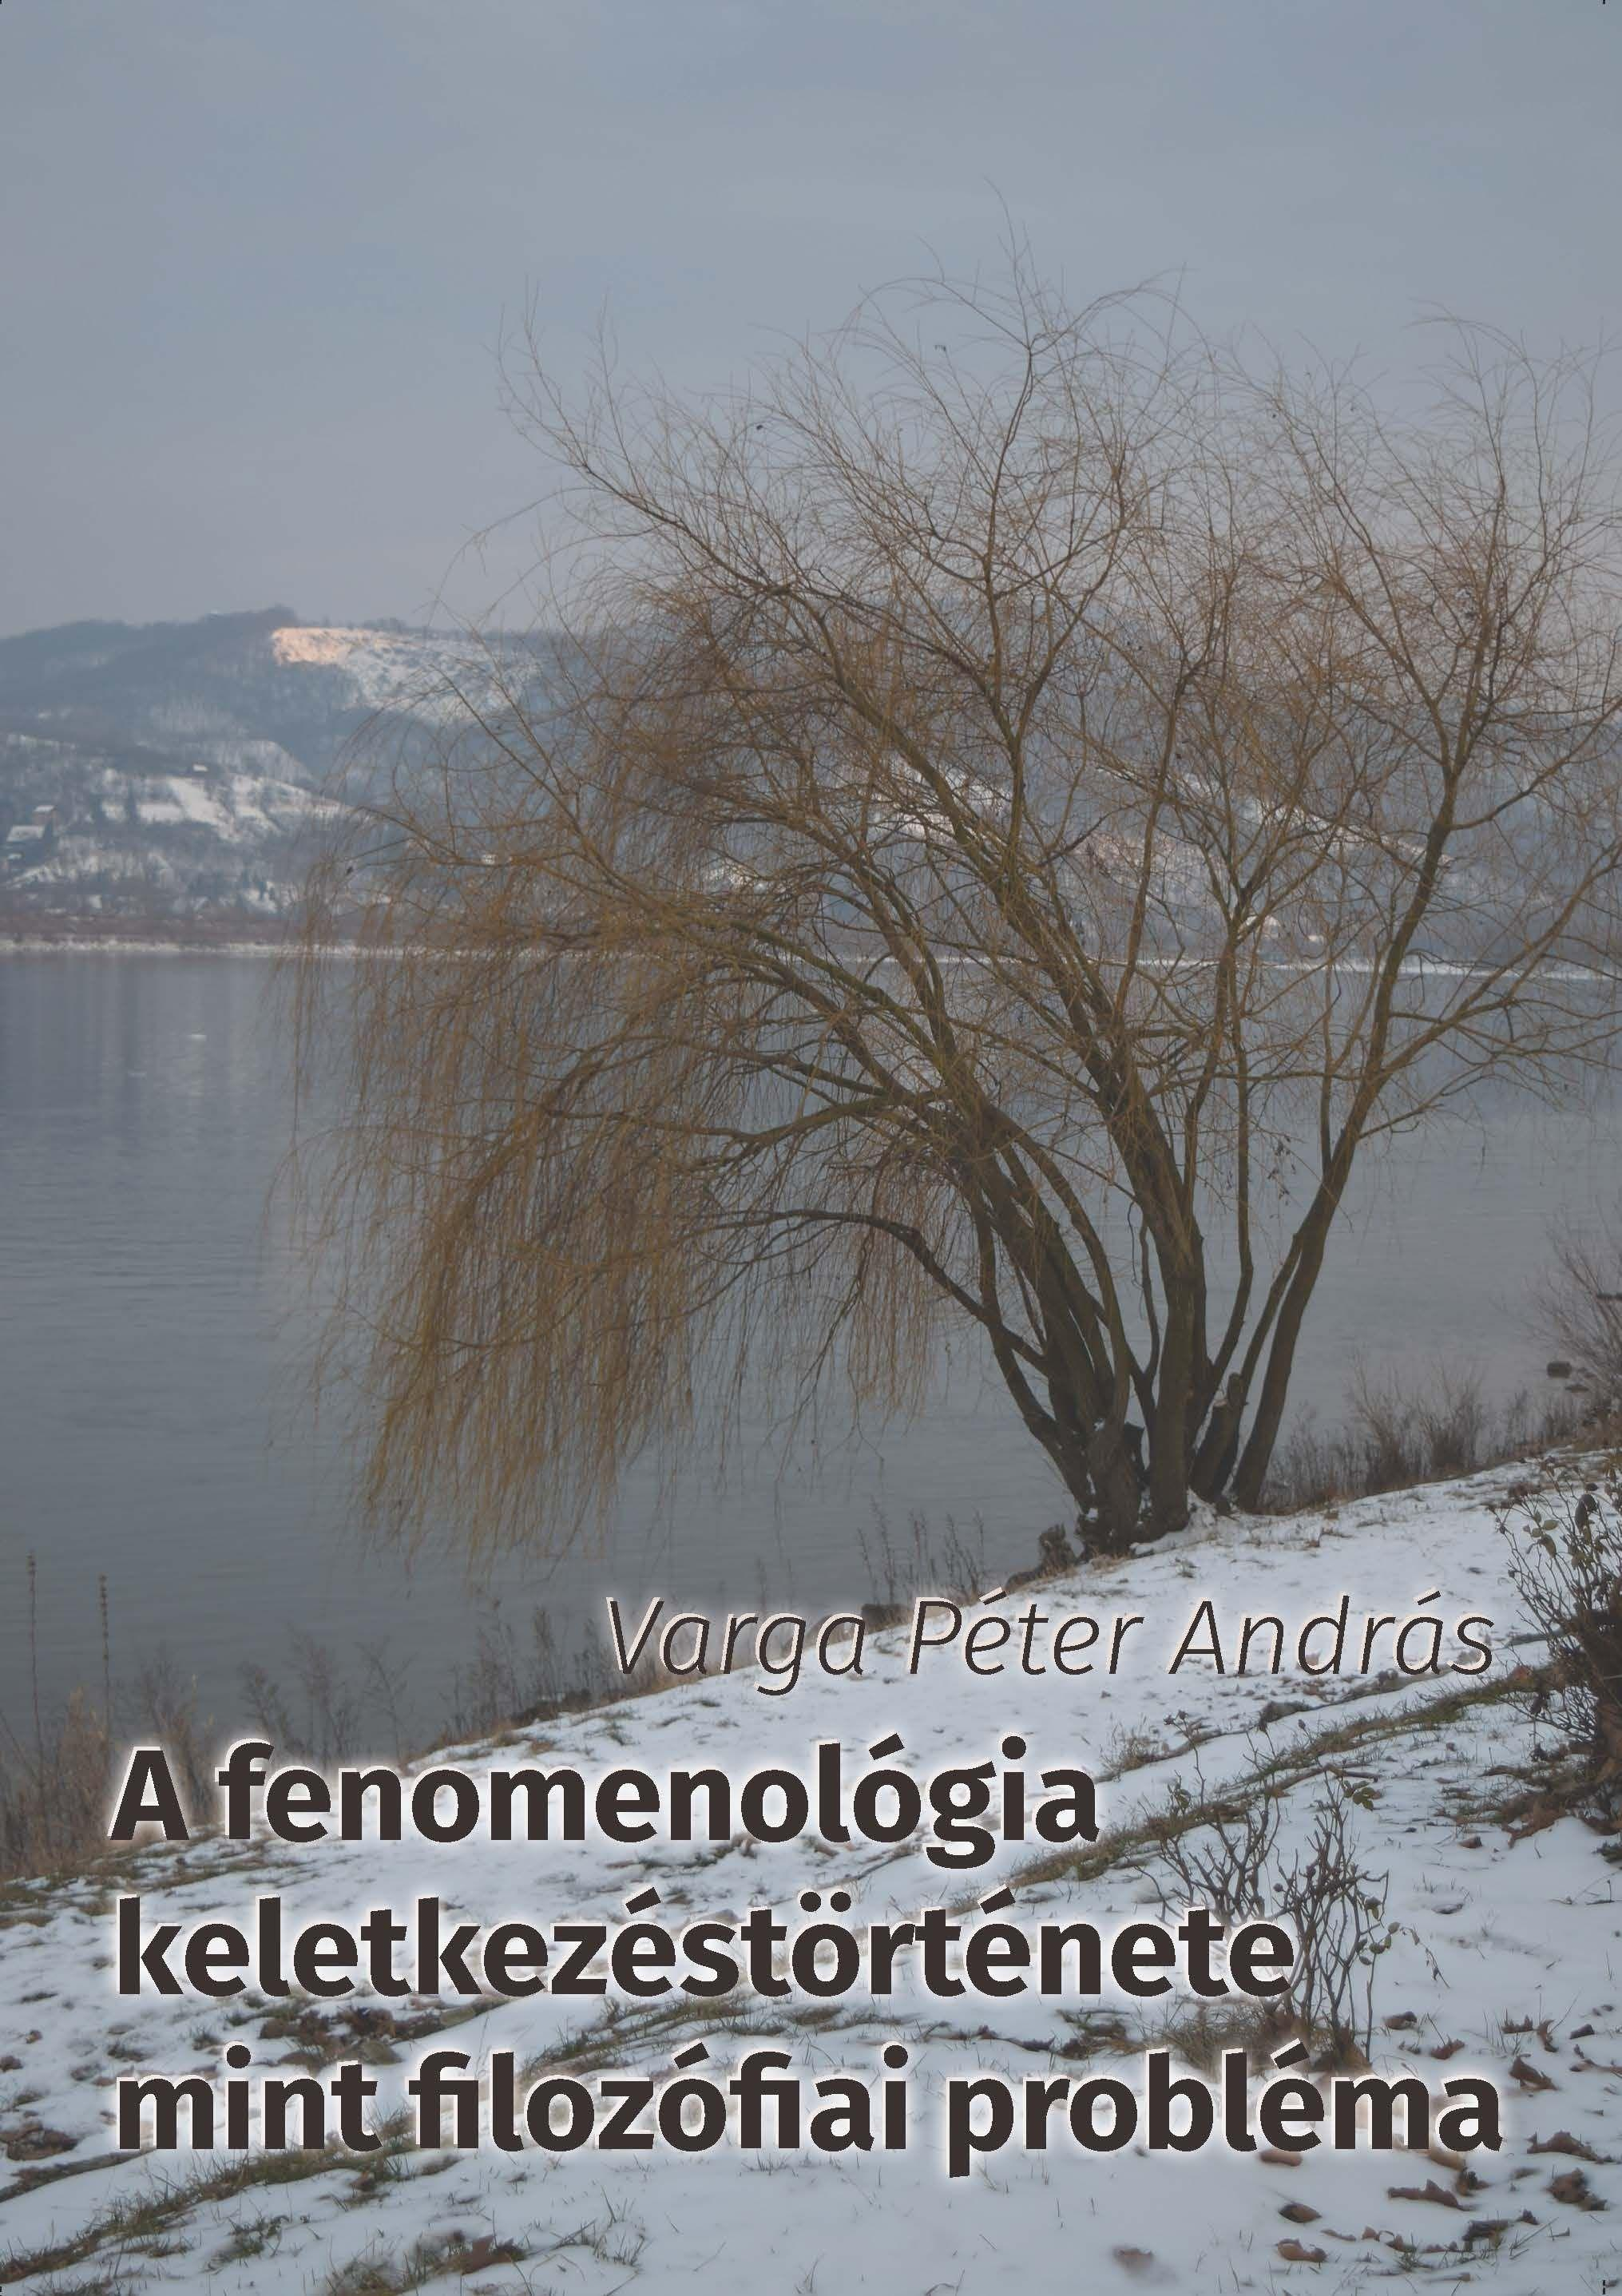 A FENOMENOLÓGIA KELETKEZÉSTÖRTÉNETE MINT FILOZÓFIAI PROBLÉMA